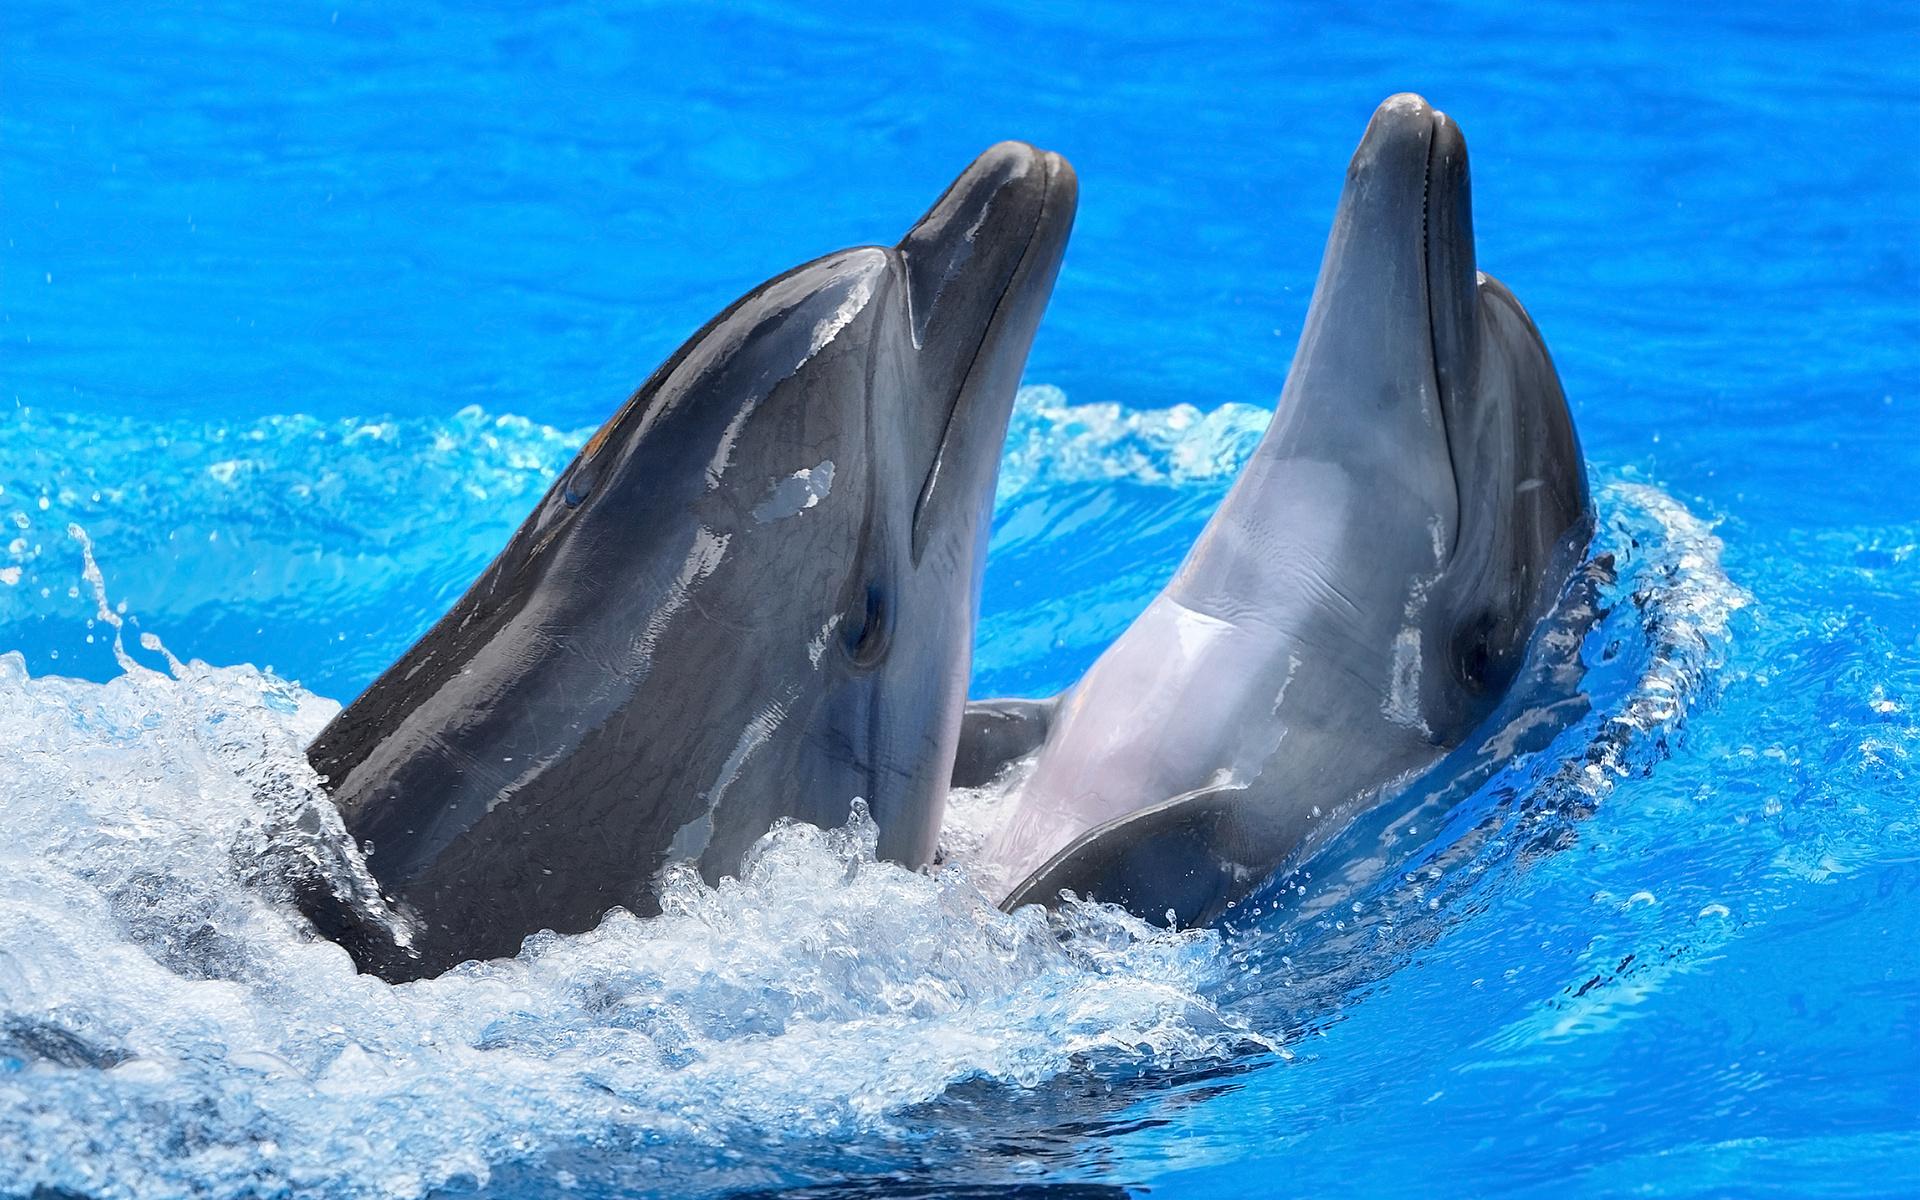 картинки дельфинов на весь экран уже двадцать лет